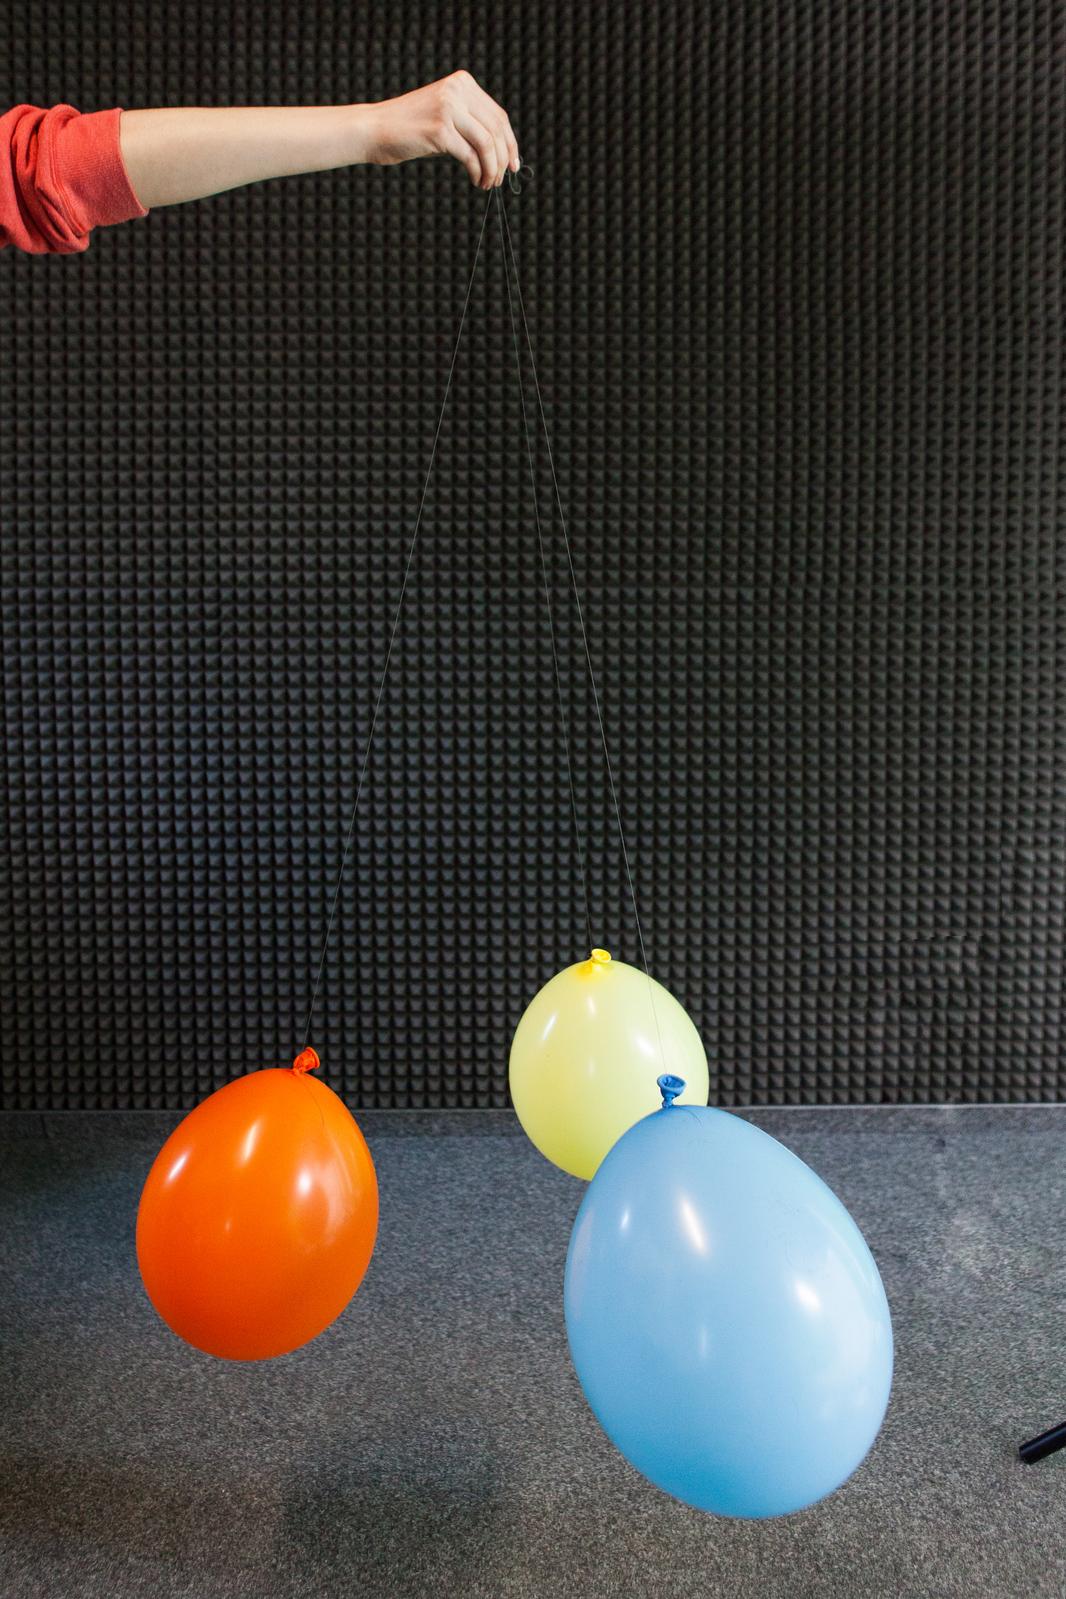 Zdjęcie przedstawiające trzy odpychające się baloniki naelektryzowane jednoimiennie.